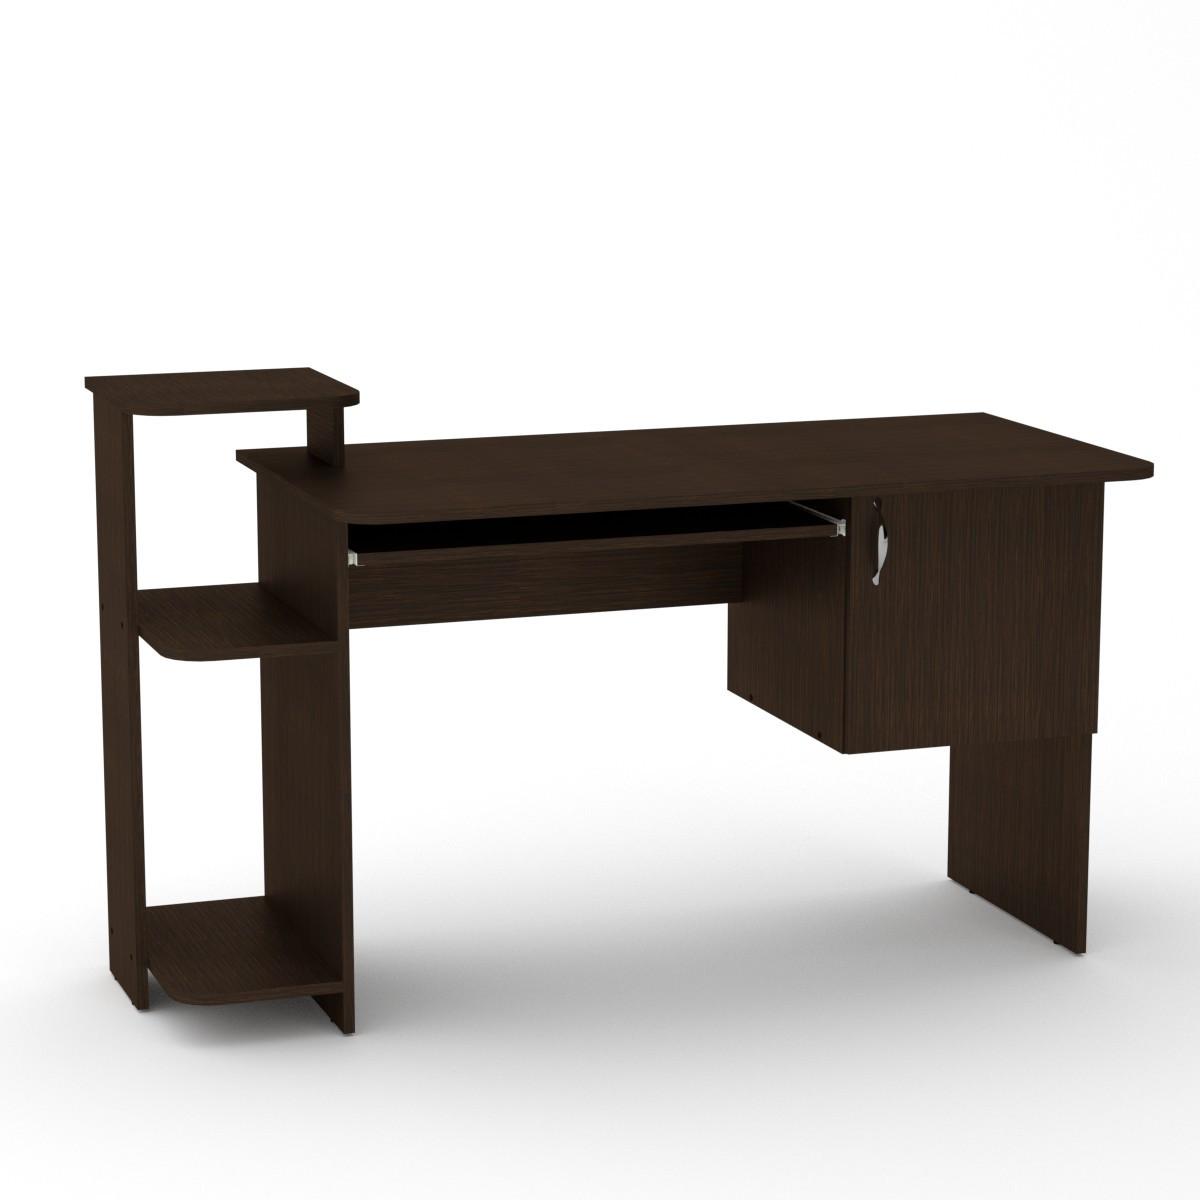 Стол компьютерный СКМ-3 венге темный Компанит (142х60х87 см)